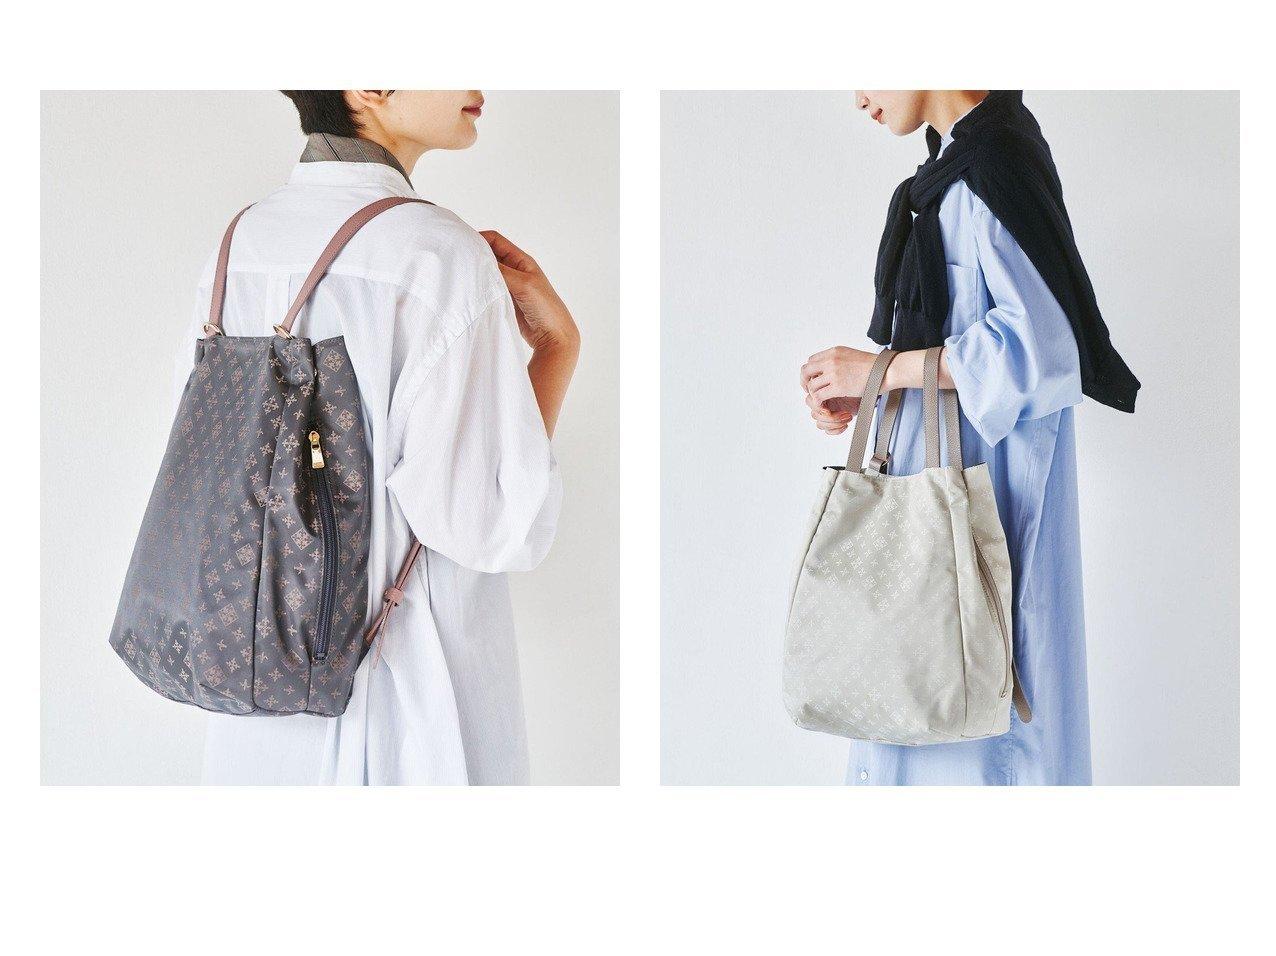 【russet/ラシット】のリュックサック(SA-212) おすすめ!人気、トレンド・レディースファッションの通販 おすすめで人気の流行・トレンド、ファッションの通販商品 インテリア・家具・メンズファッション・キッズファッション・レディースファッション・服の通販 founy(ファニー) https://founy.com/ ファッション Fashion レディースファッション WOMEN バッグ Bag フォルム ポケット リュック 送料無料 Free Shipping おすすめ Recommend 日本製 Made in Japan |ID:crp329100000062005